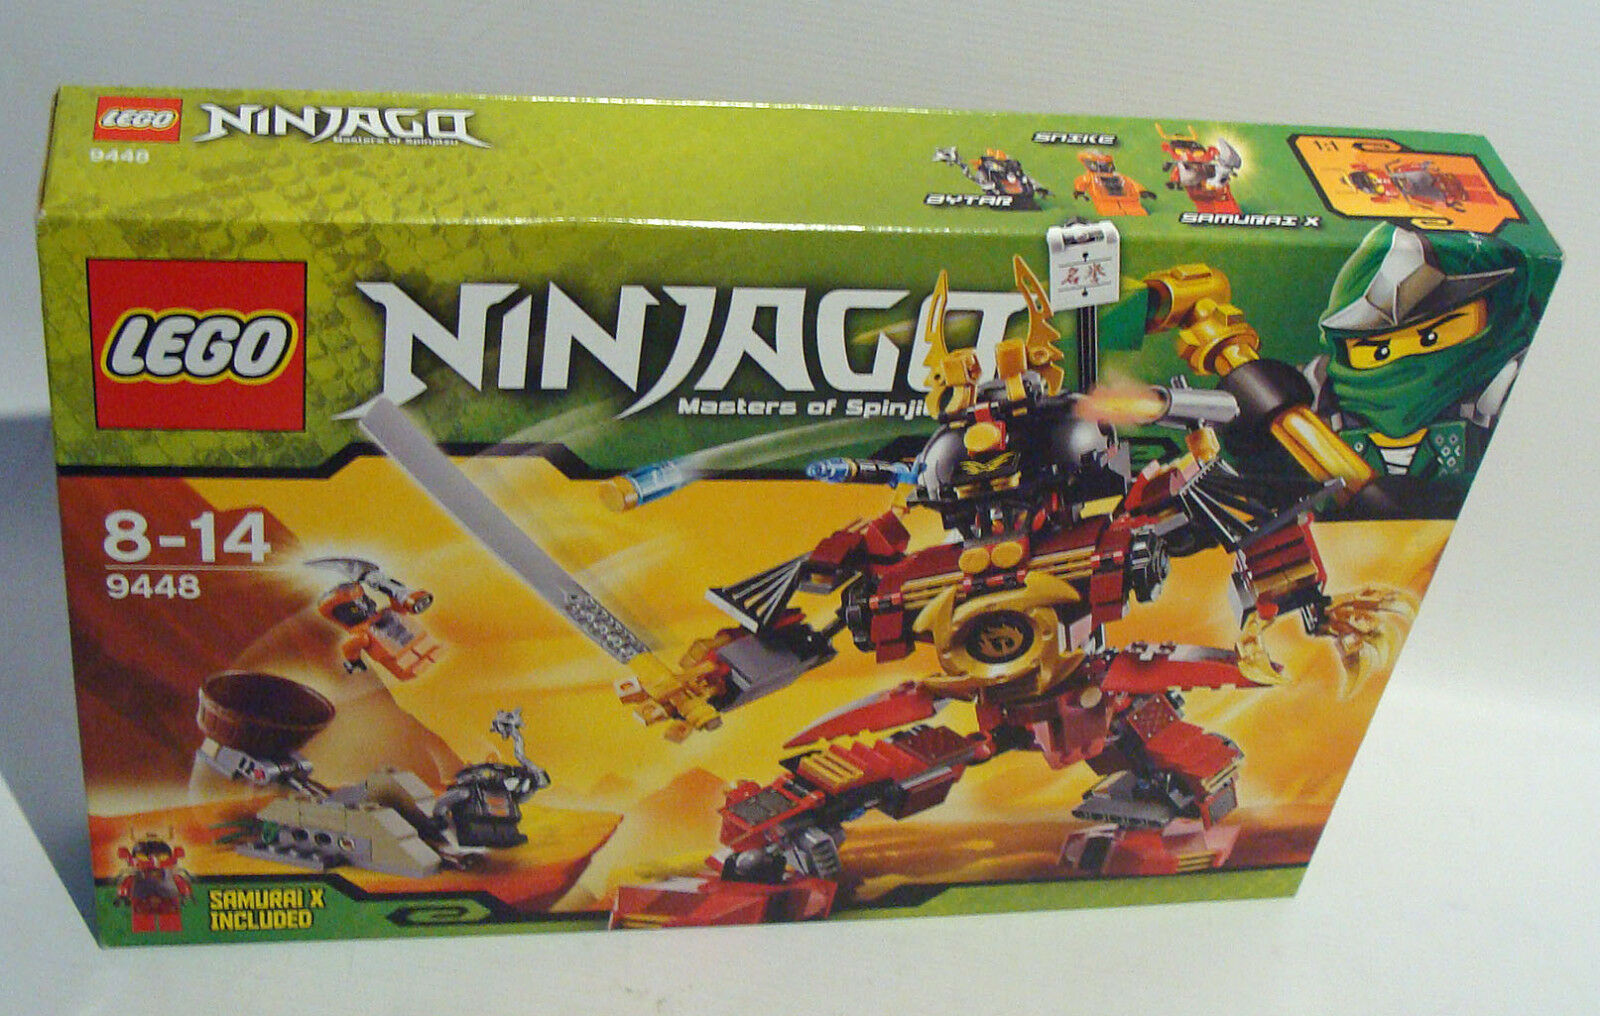 Lego® Ninjago 9448 - Samurai Roboter 452 Teile 8-14 Jahren - Neu